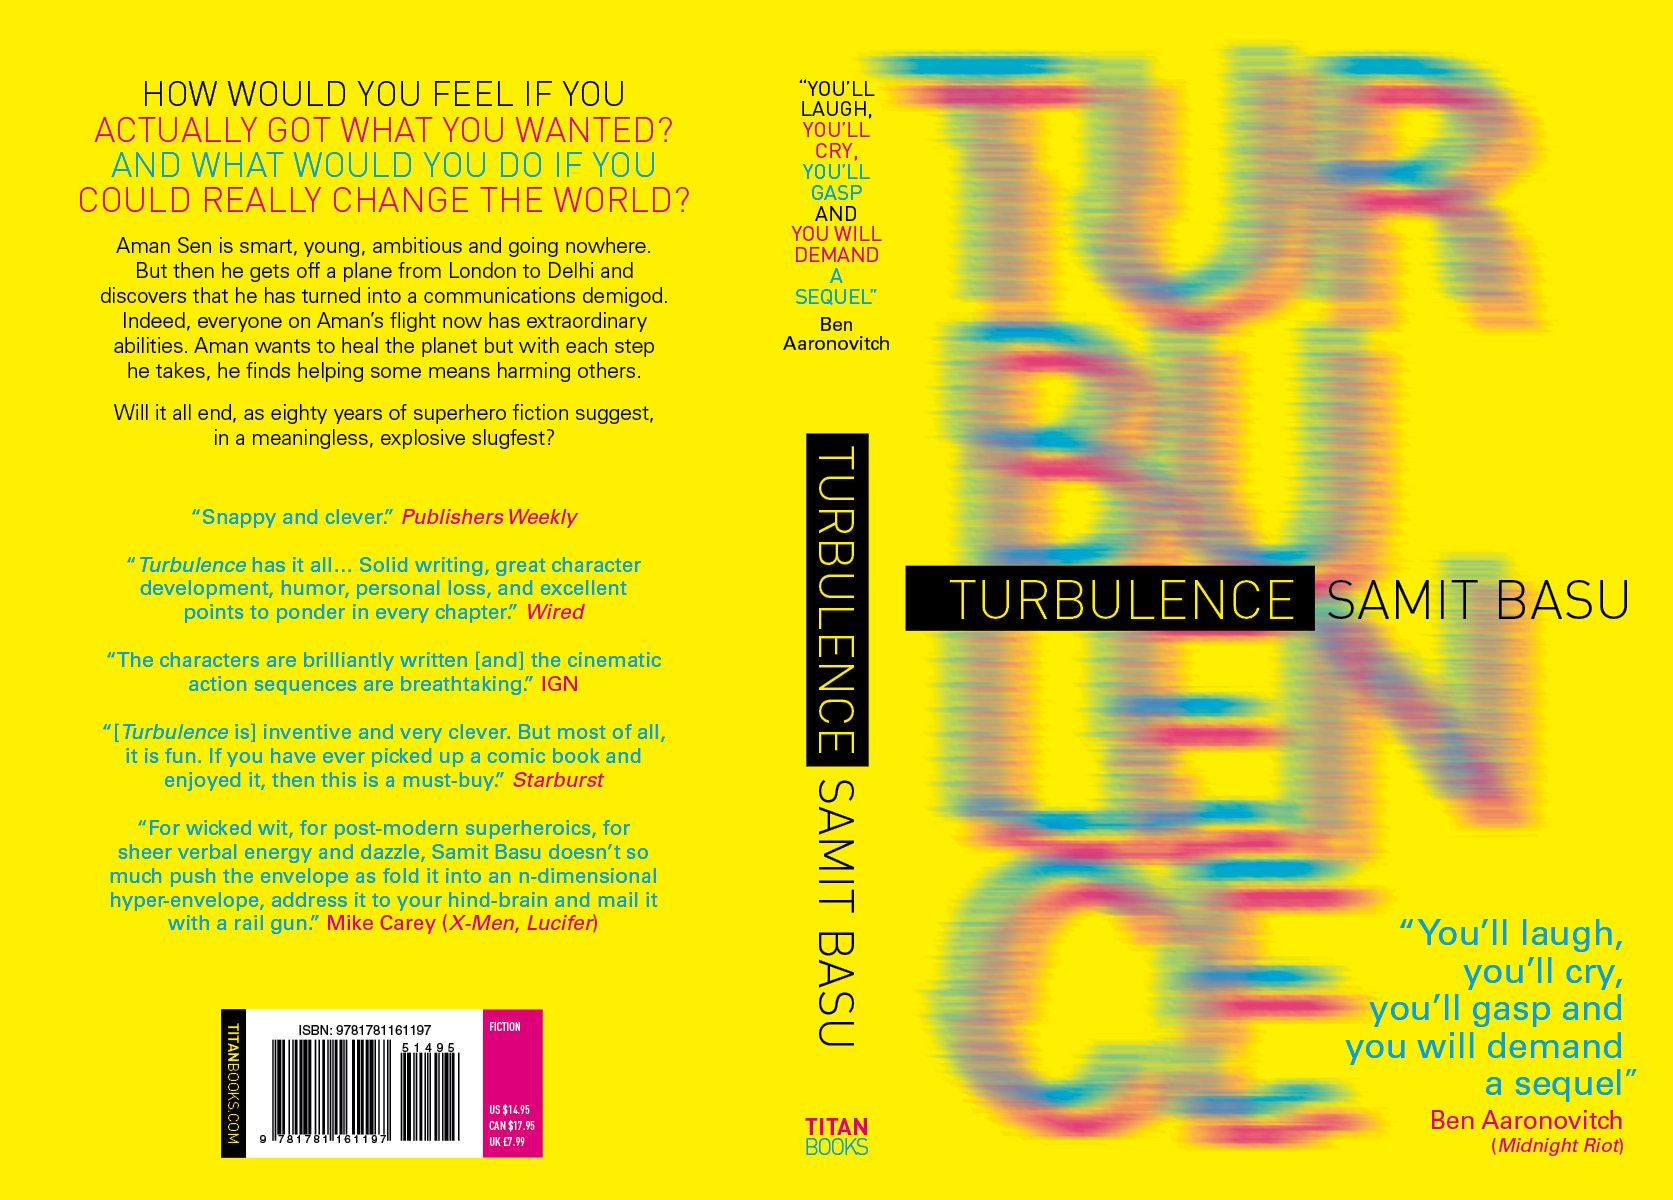 Turbulence - Samit Basu - US edition, 2013